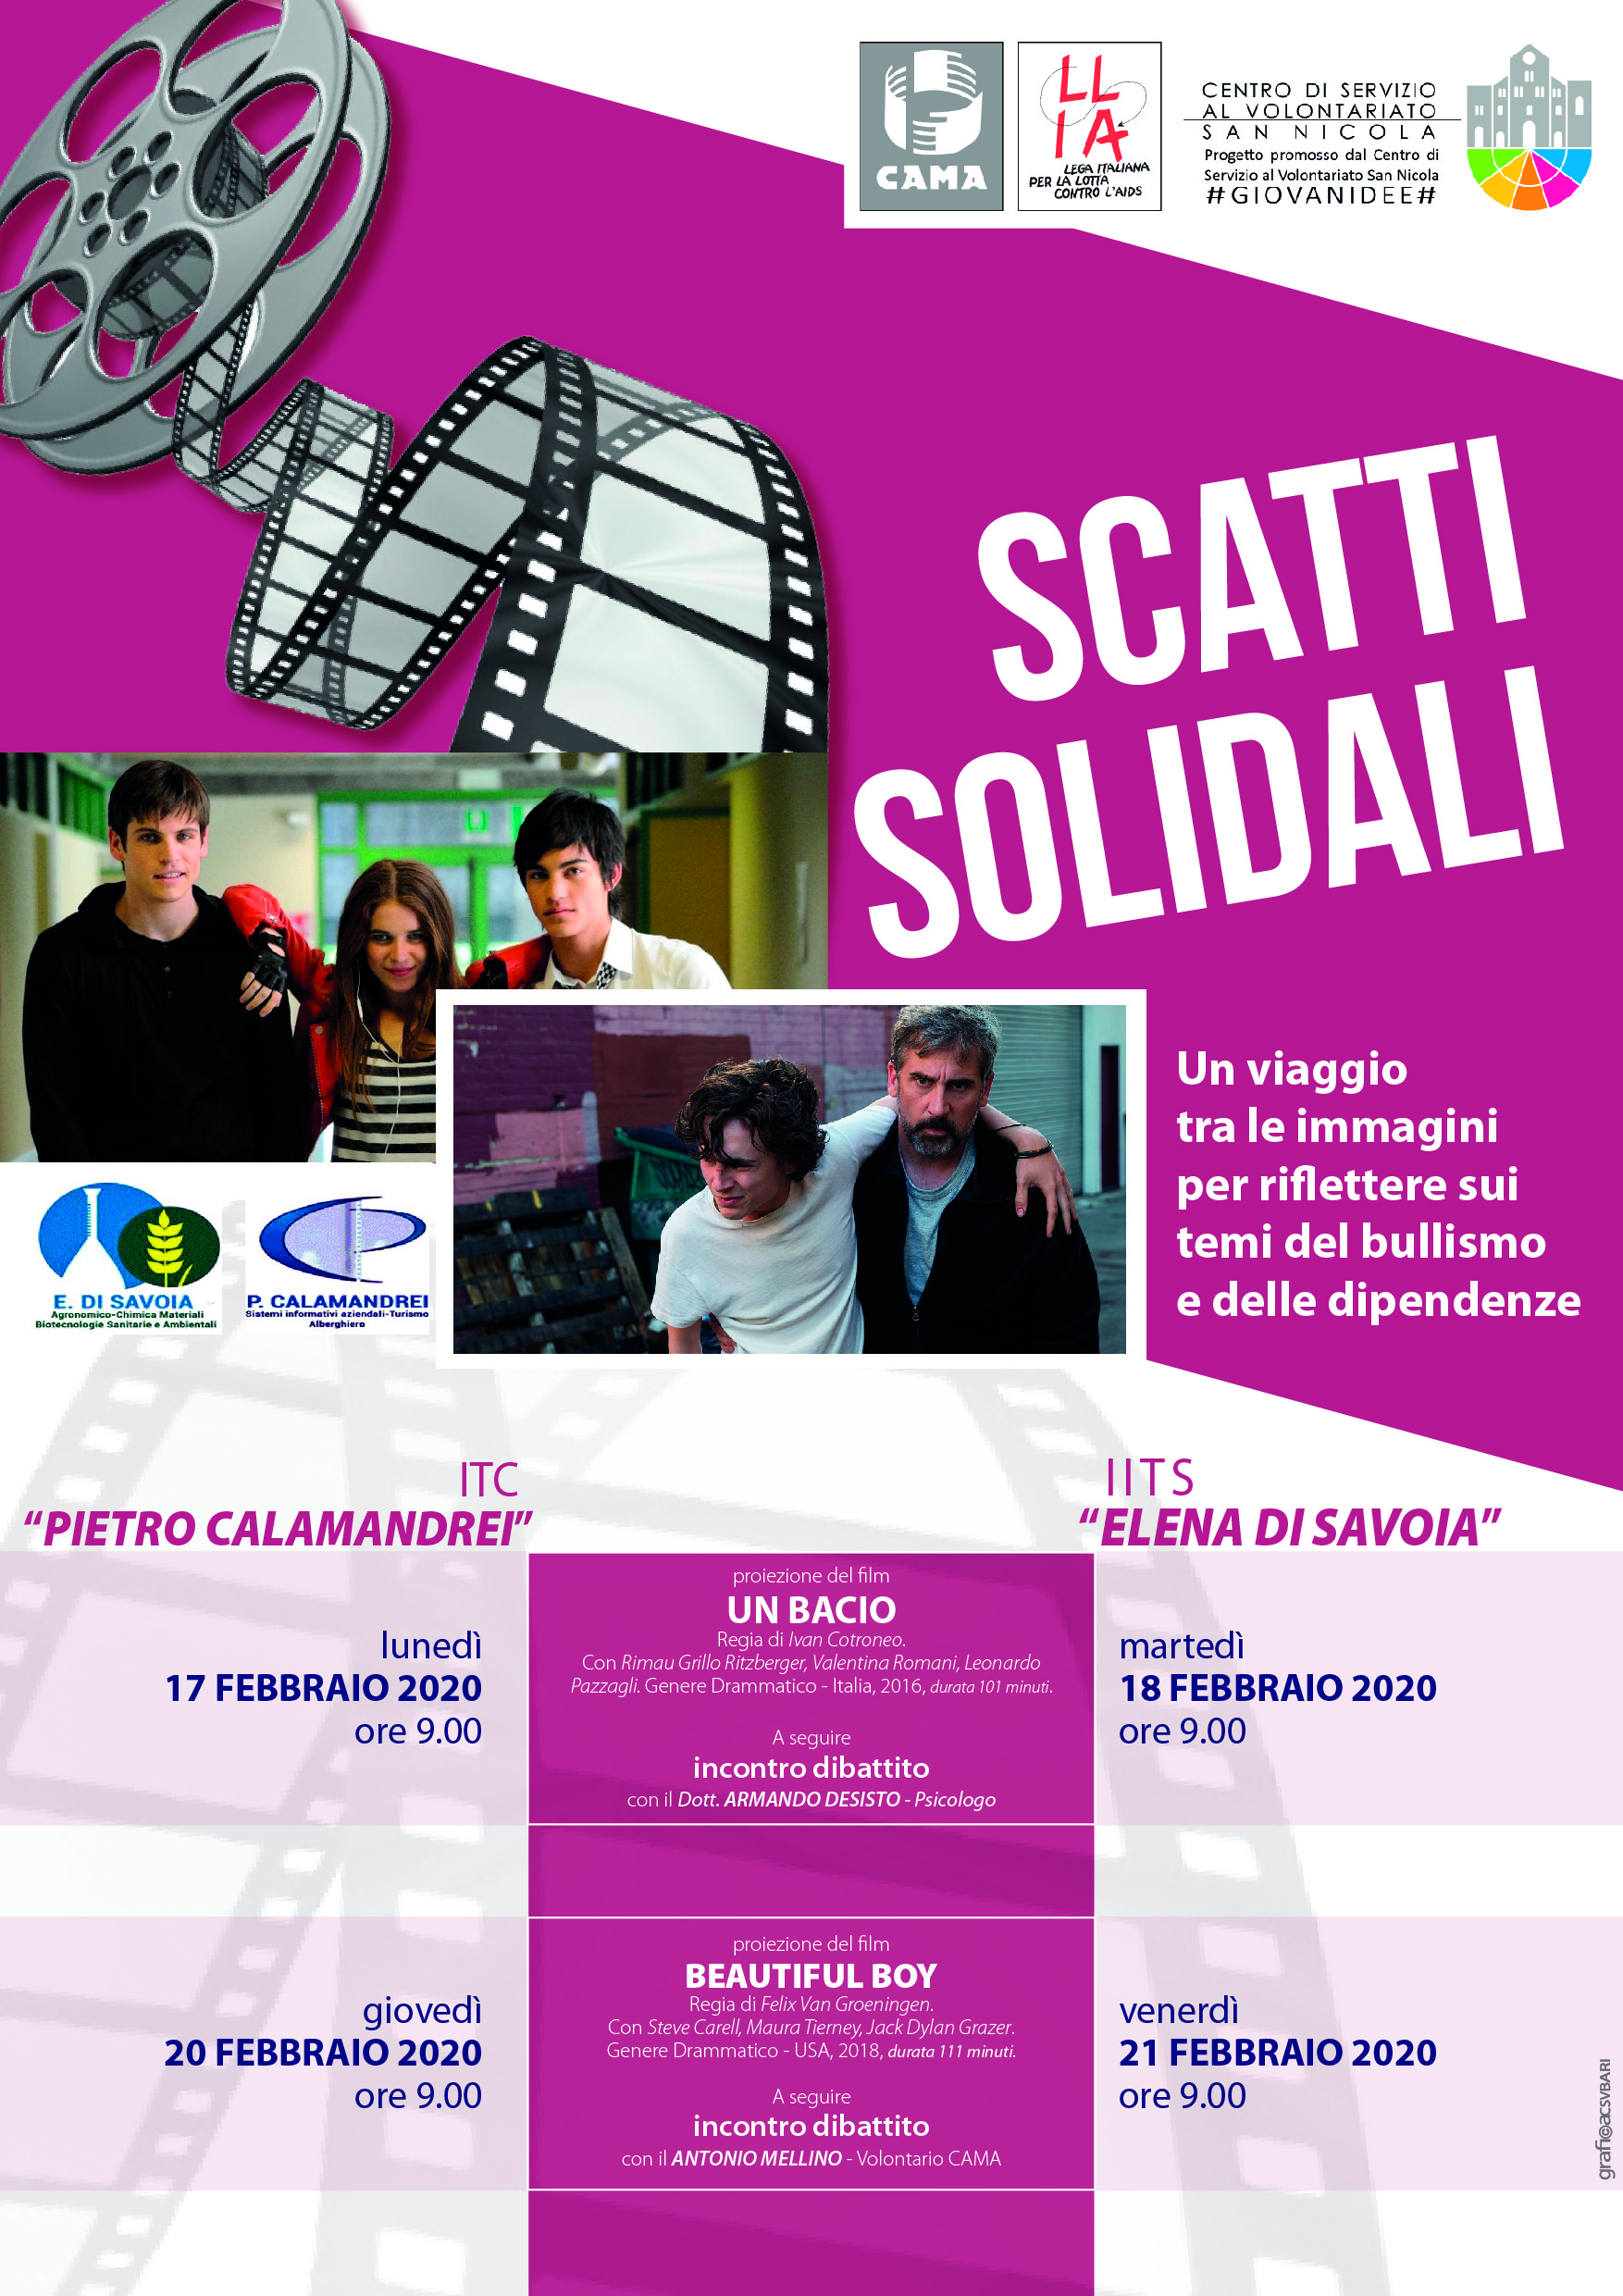 Locandina Scatti Solidali - CAMA LILA - #GIOVANIDEE CSVSN